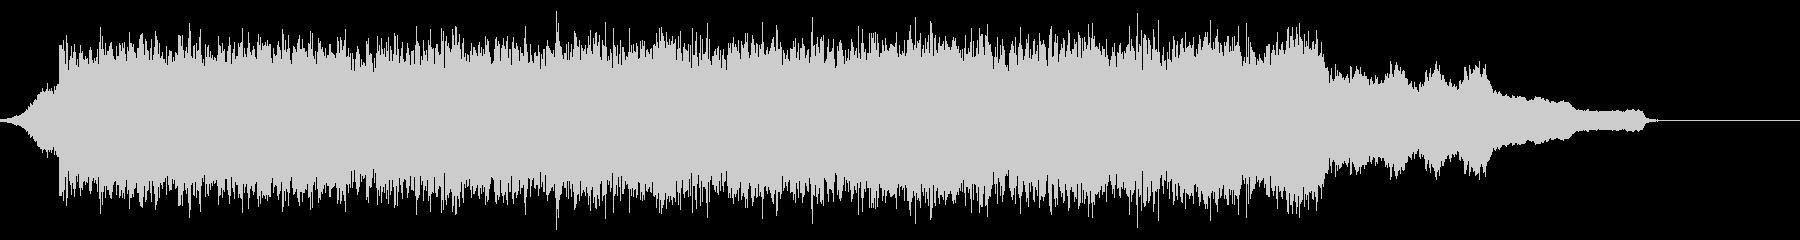 企業VP映像、119オーケストラ、爽快cの未再生の波形